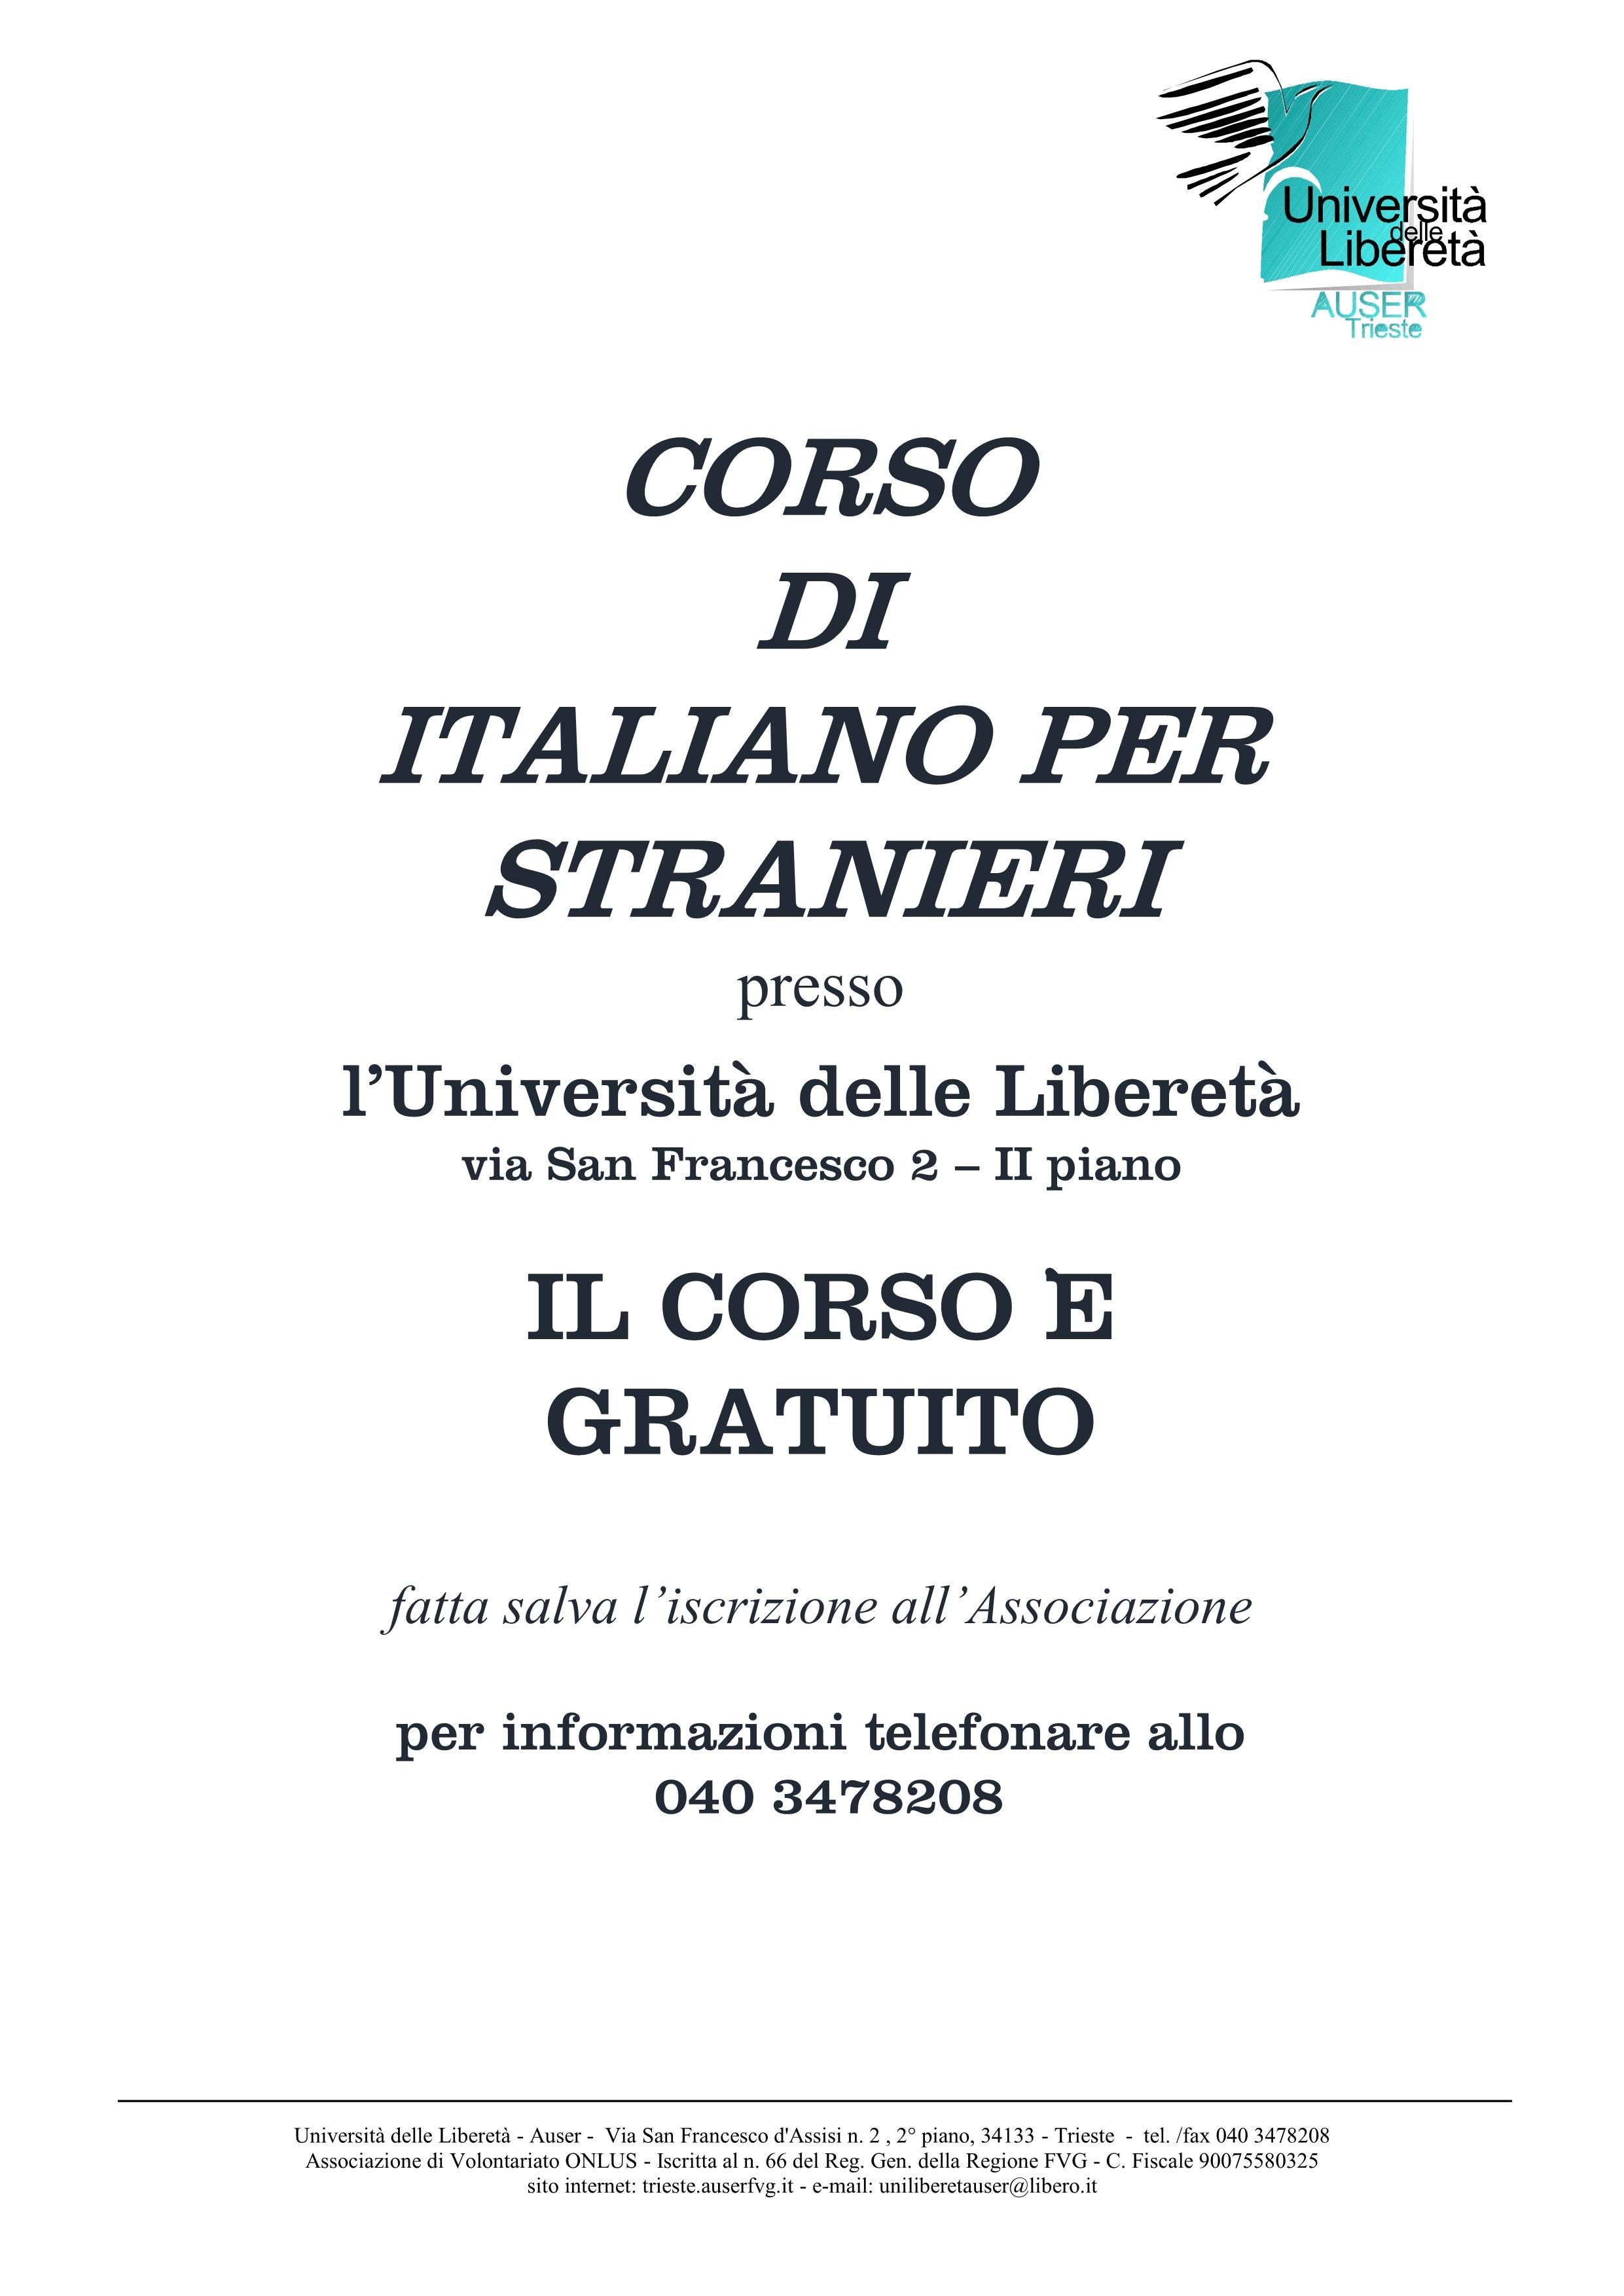 Italiano per stranieri locandina1